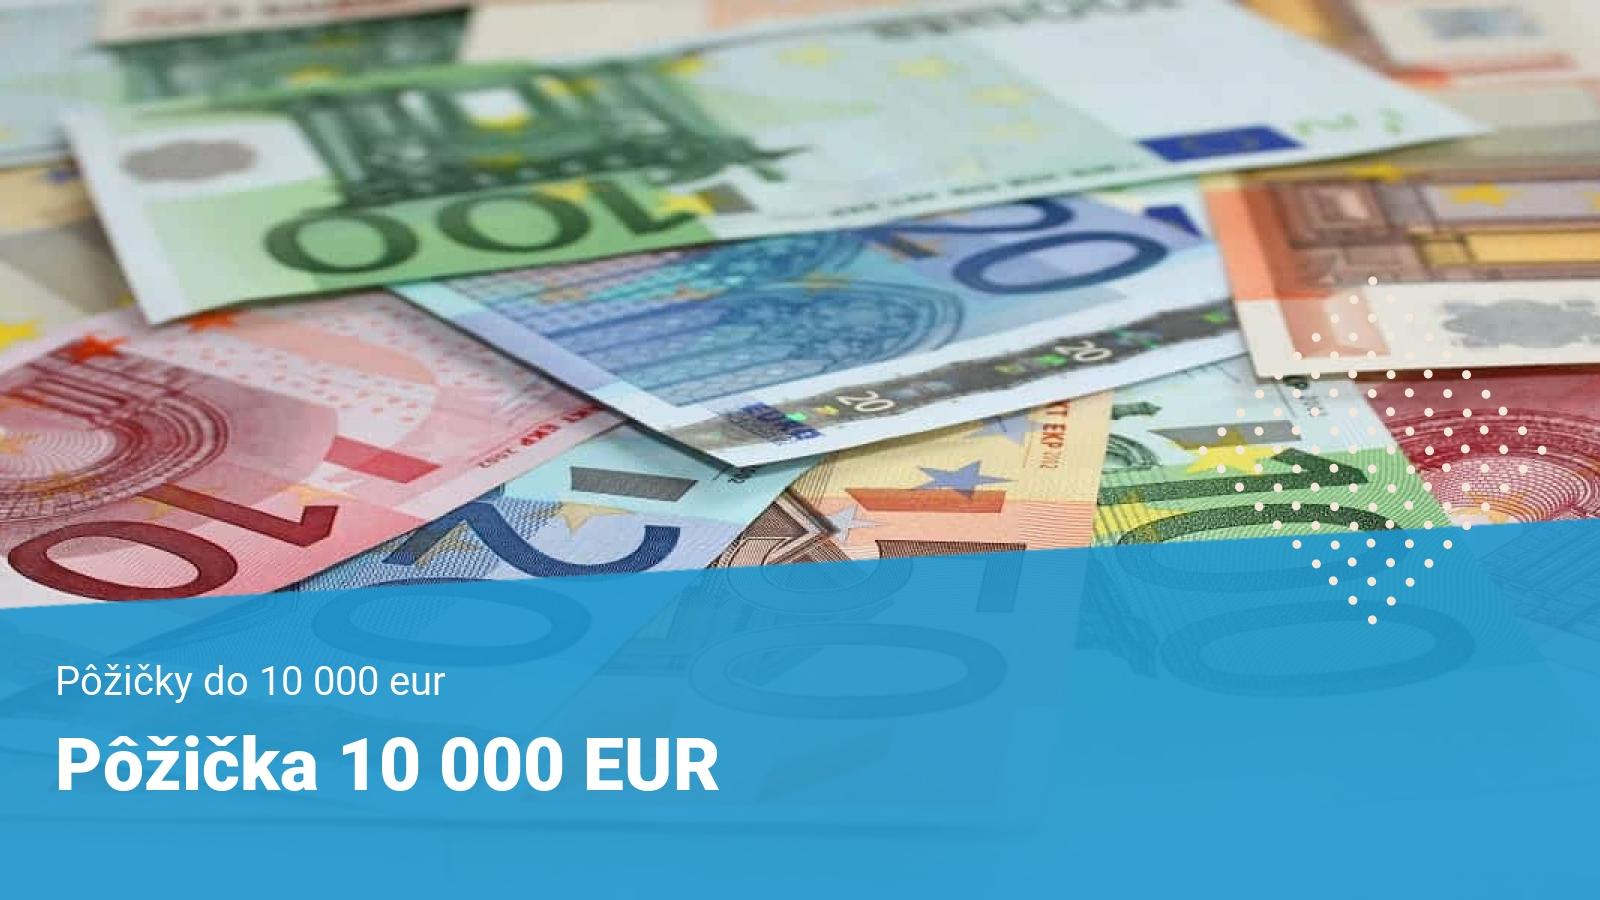 financer_pozicky_online